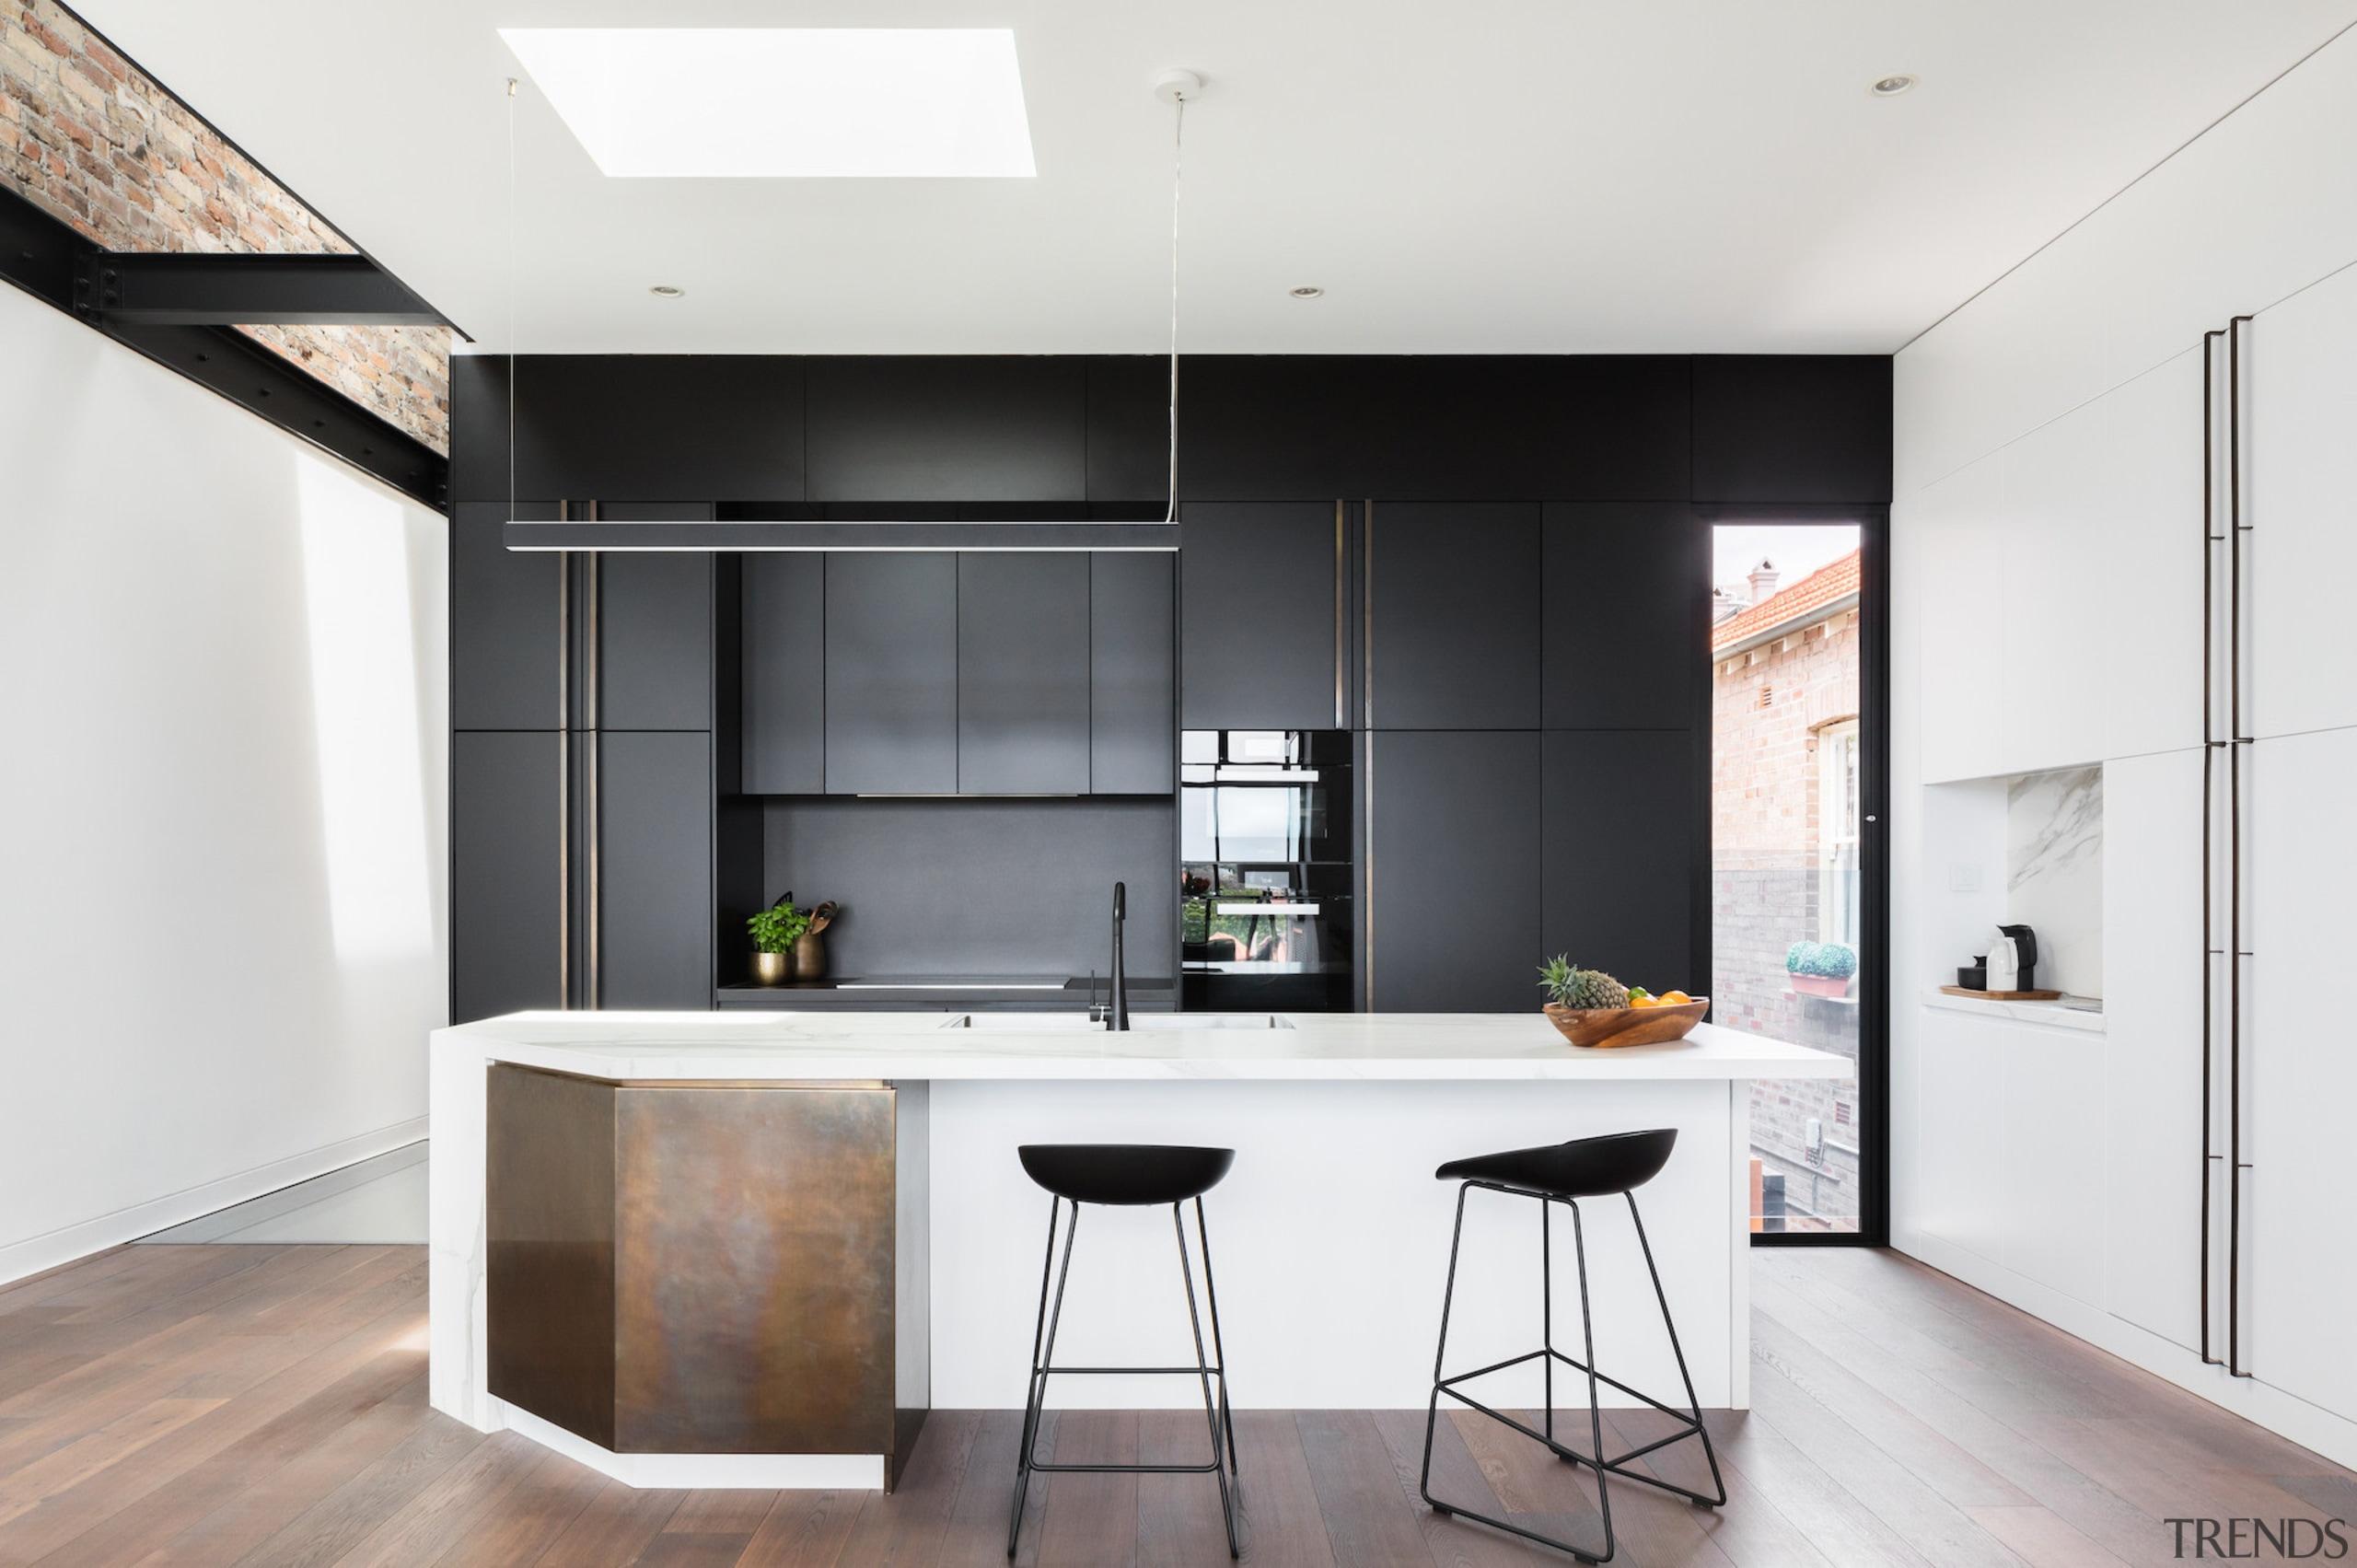 Bijl Architecture architecture, cabinetry, countertop, floor, interior design, kitchen, white